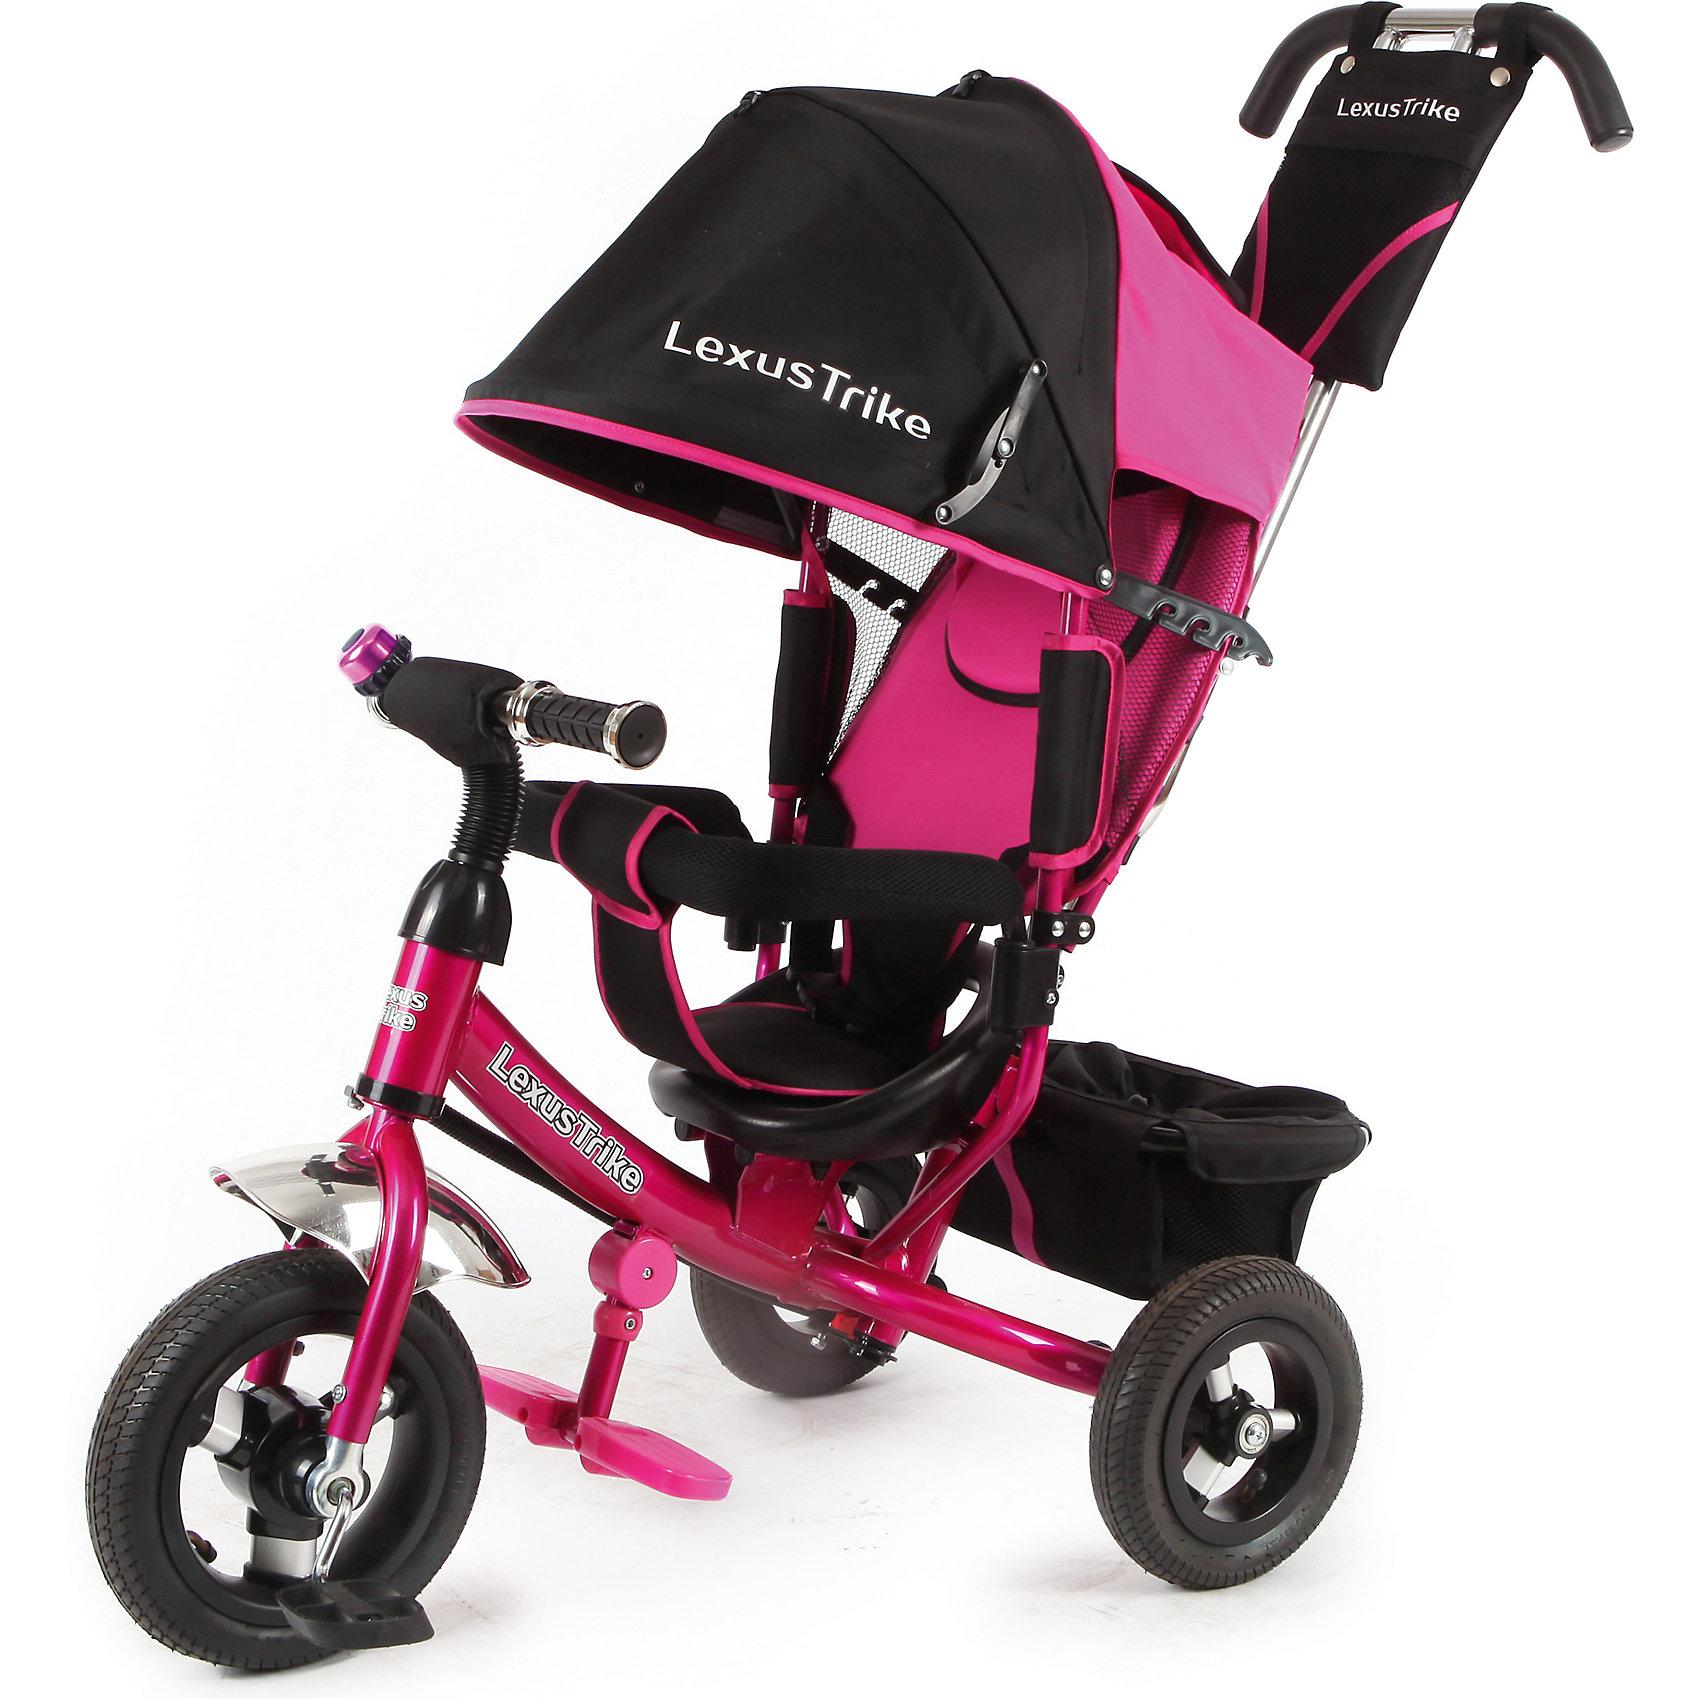 Трехколесный велосипед, регулир. спинка, розовый, Lexus Trike LTнадувные резиновые колеса с алюминиевыми спицами и металлическими втулками передние 25 см (10) с функцией свободного хода, задние 20 см (8), - двойная телескопическая родительская ручка с мягкими рукоятками из пористой резины и сумочкой, - спинка с регулируемым углом наклона (3 положения), - складная подставкя для ног; - складной тент колясочного типа с фиксаторами положения и окошком, - сидение с двухточечным ремнем безопасности и мягкой вкладкой, - подголовник на спинке, - стопоры задних колёс, - регулируемая поворотная рычаг-спица, - раздвижная дуга безопасности с мягкими подлокотниками из пористой резины, - багажная корзина с затягивающимся верхом, - звонок на руле, розовый, - цветная коробка<br><br>Ширина мм: 810<br>Глубина мм: 470<br>Высота мм: 1100<br>Вес г: 12800<br>Возраст от месяцев: 12<br>Возраст до месяцев: 36<br>Пол: Женский<br>Возраст: Детский<br>SKU: 5526366